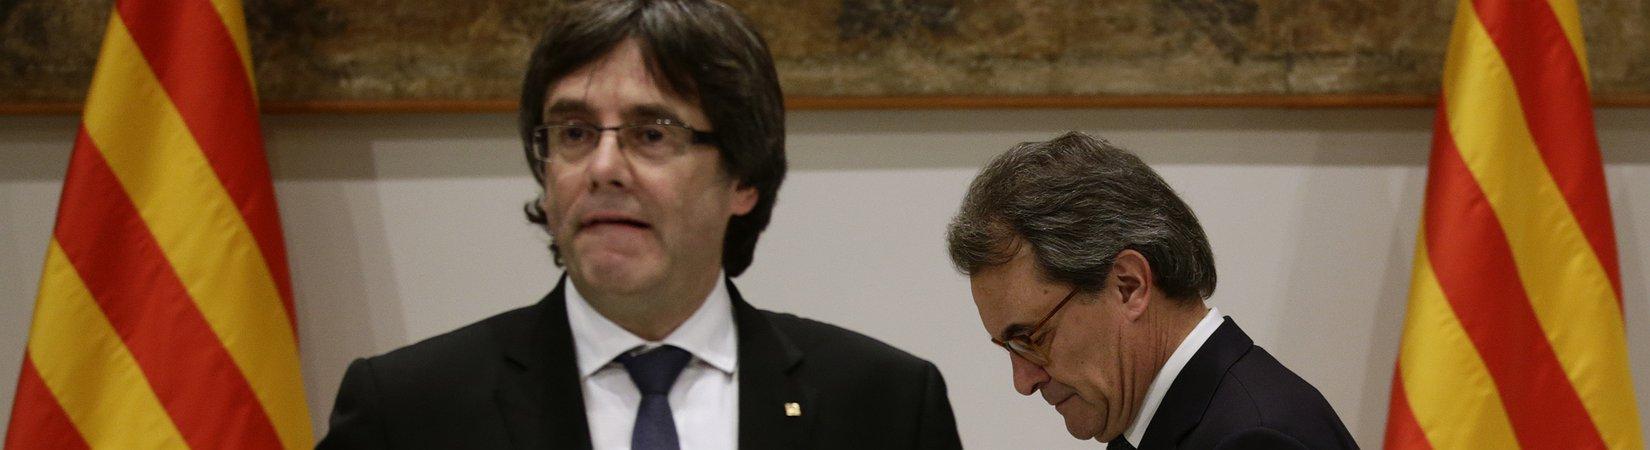 Hoy se podría aprobar la ley del referéndum catalán